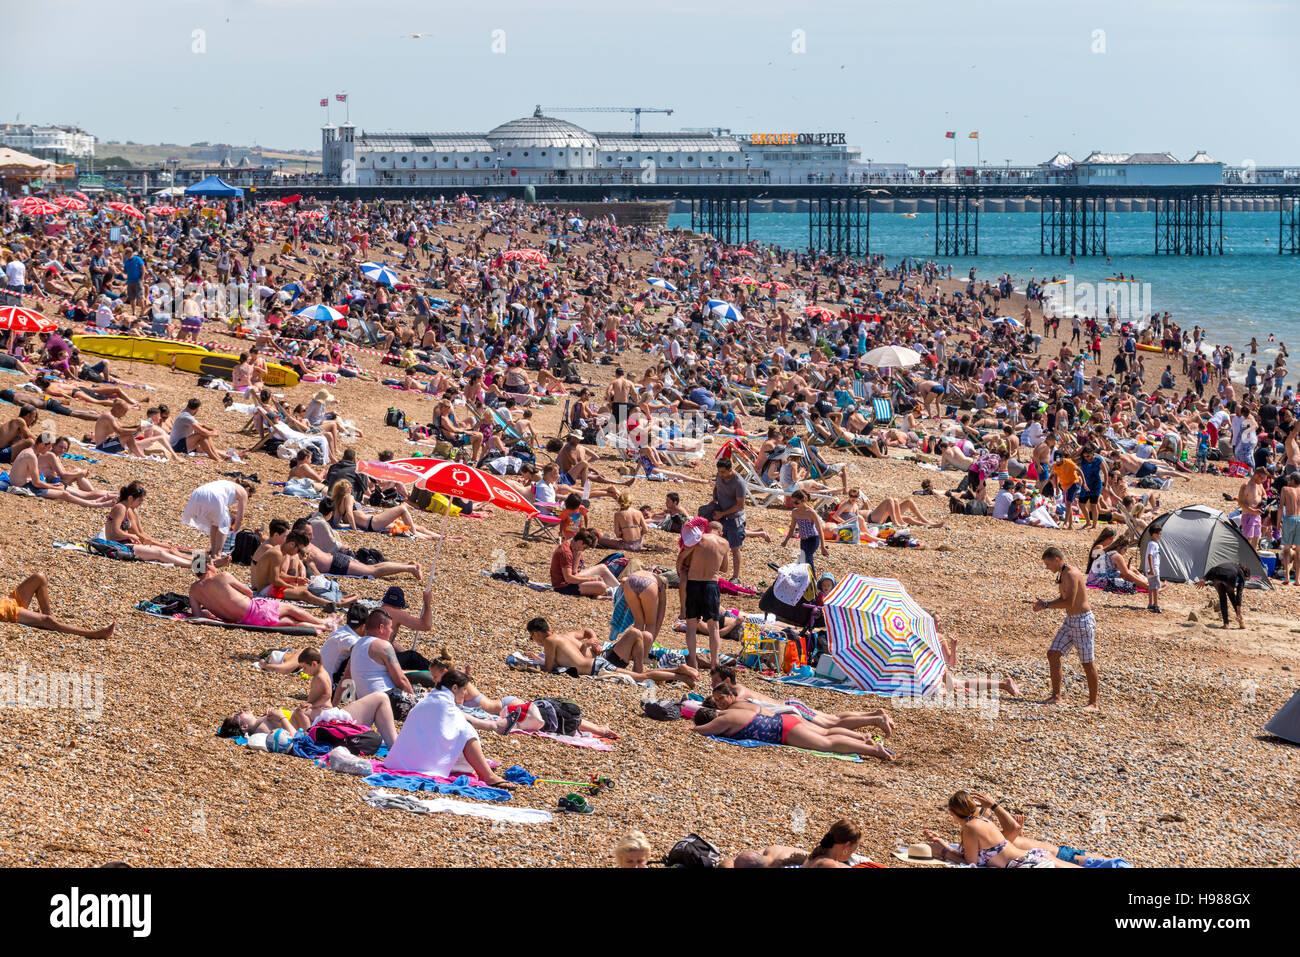 La spiaggia di Brighton in un assolato pomeriggio di primavera Immagini Stock